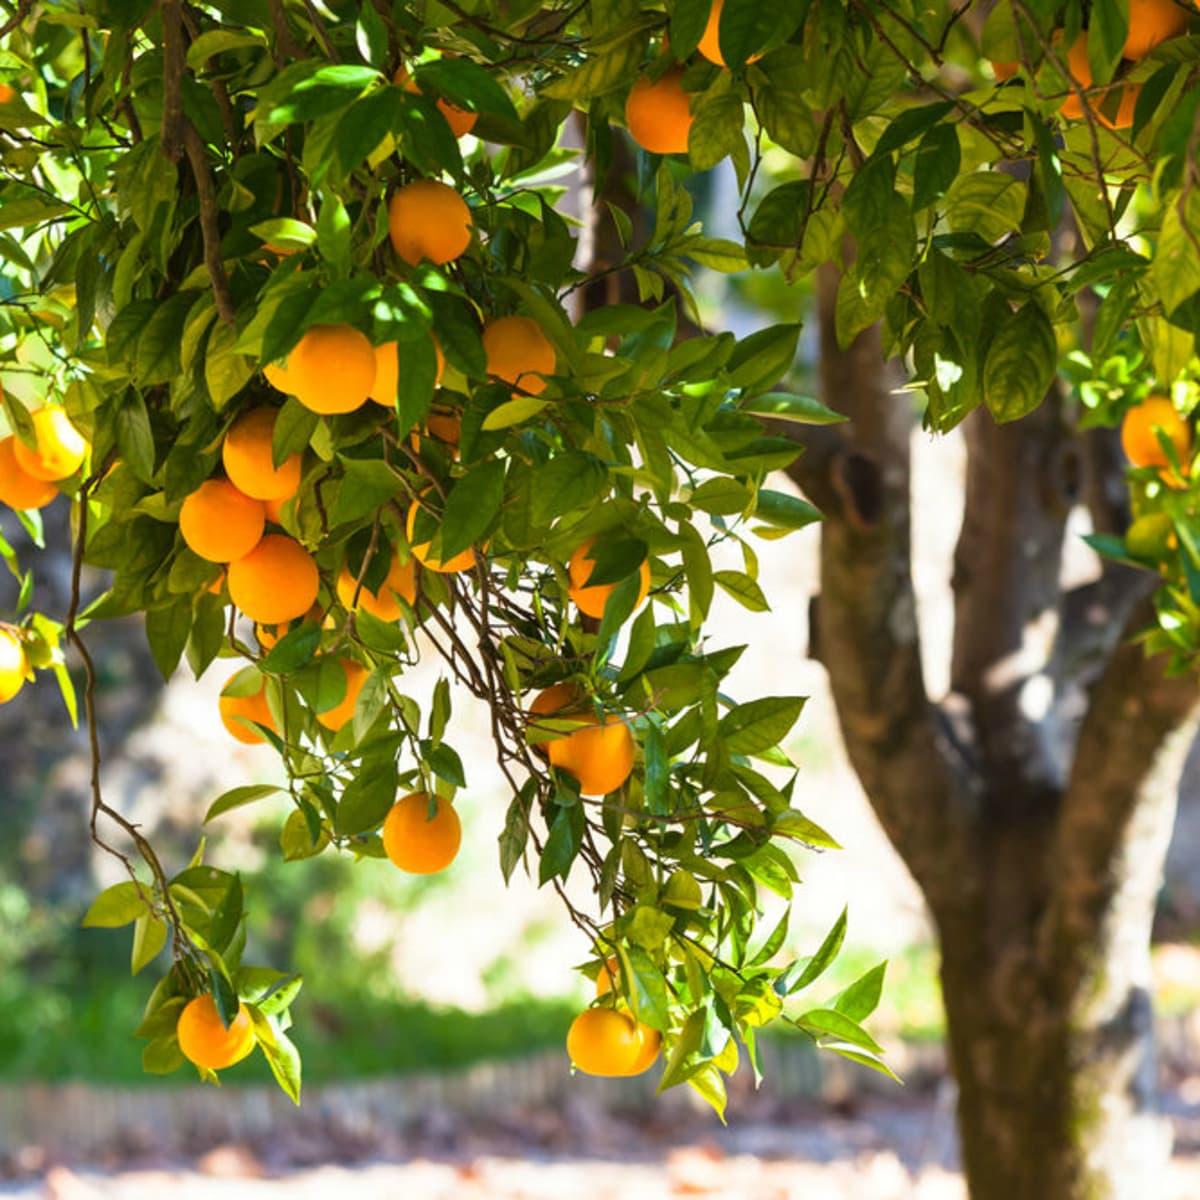 Hoffman fruit tree